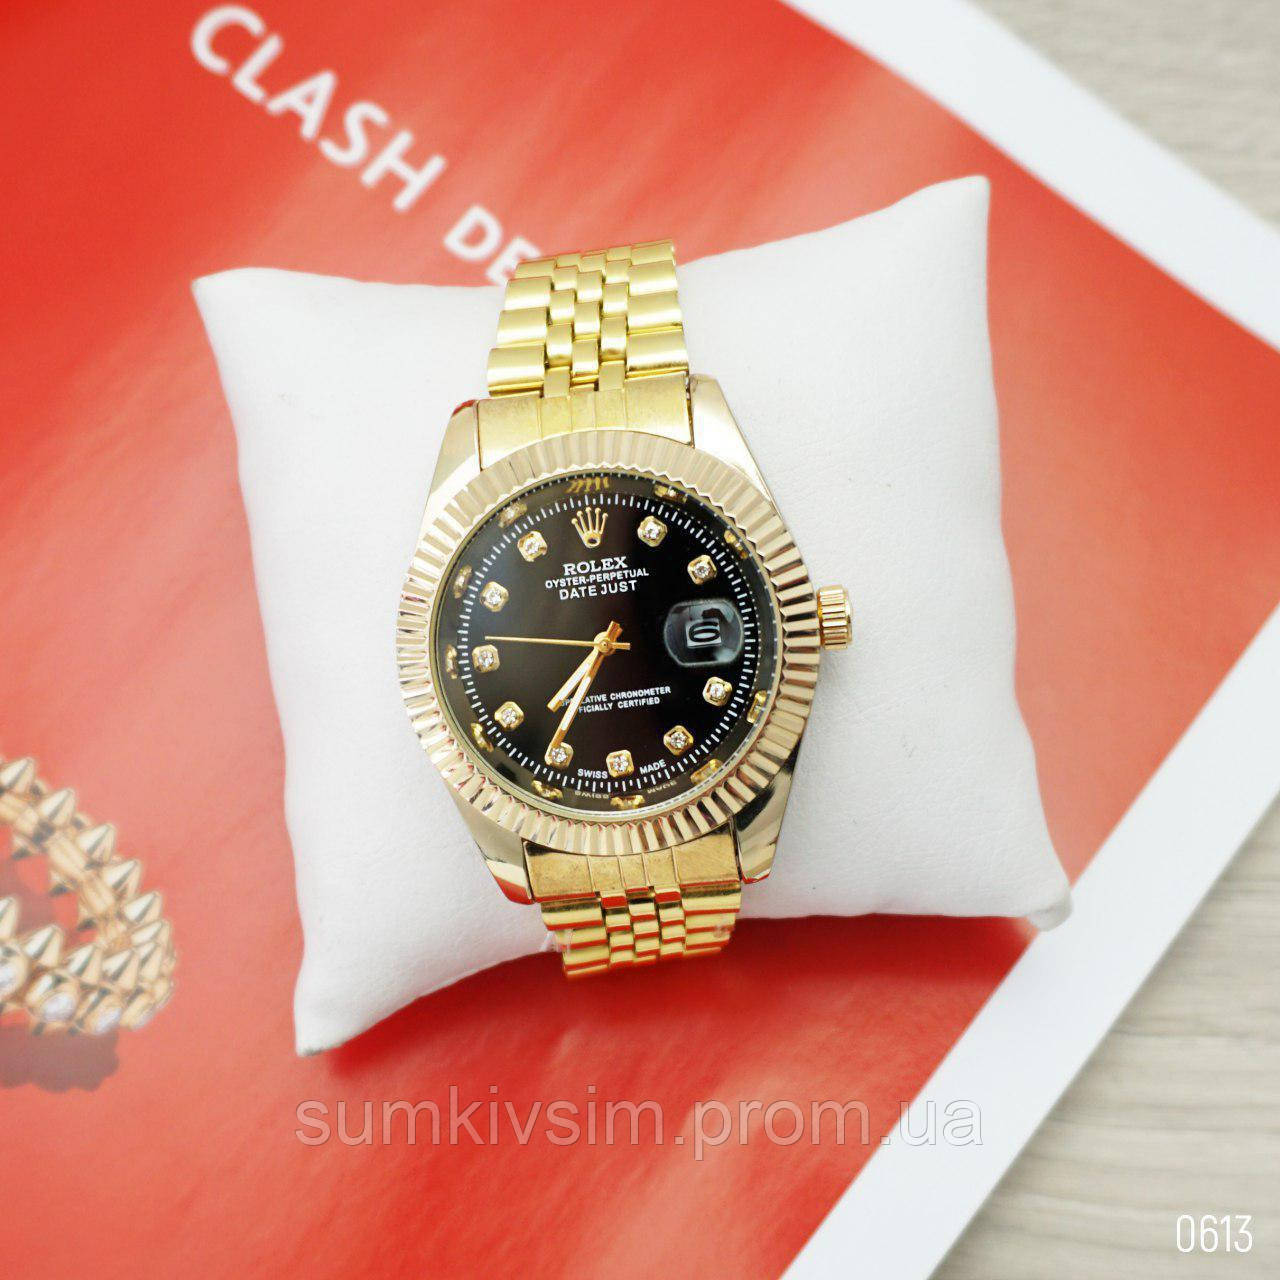 Женские наручные часы Rolex  Gold золотистого  цвета